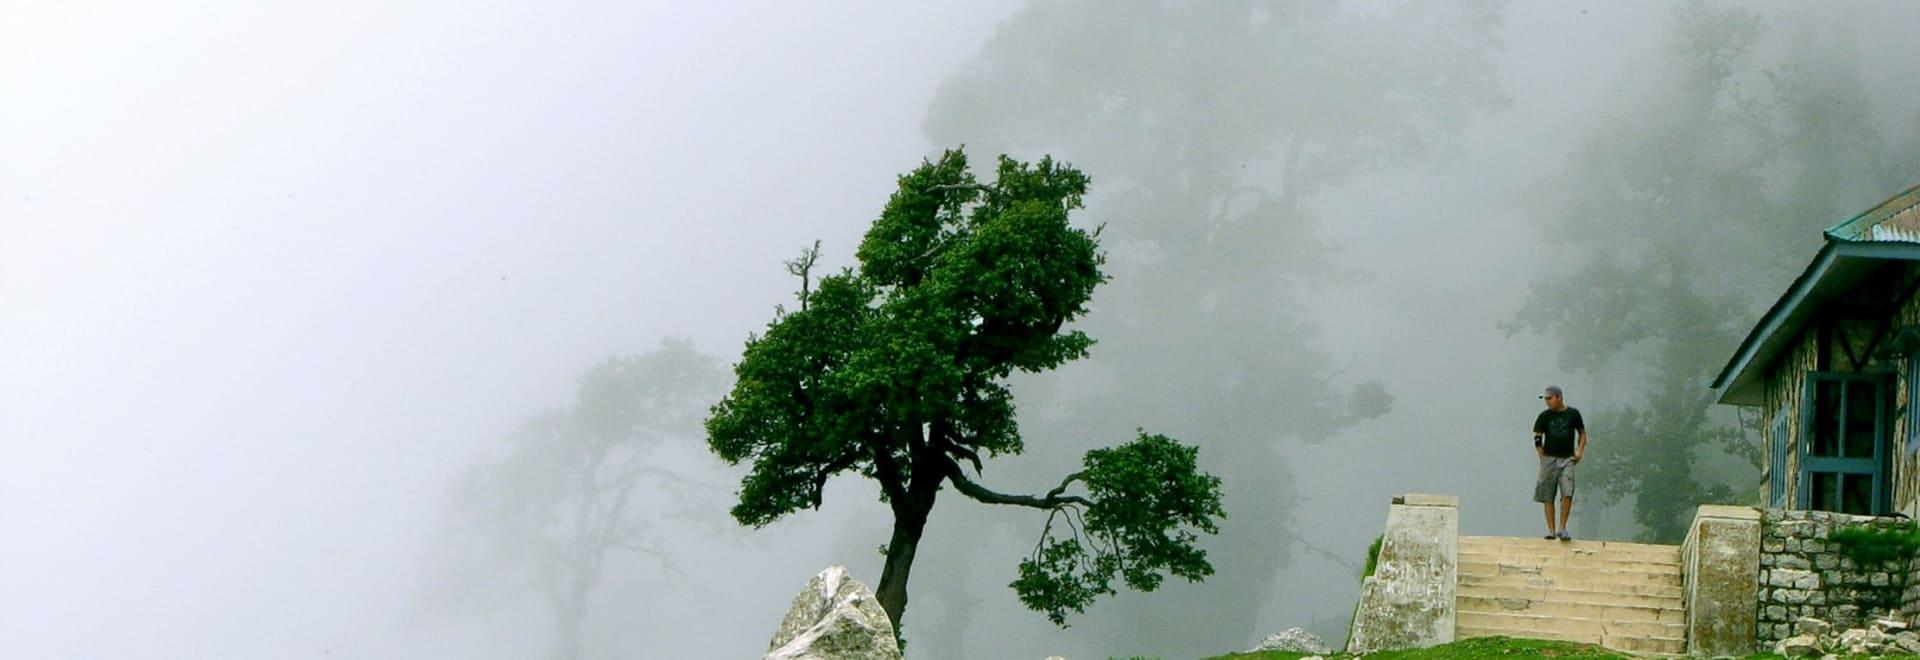 1464189733_dharamsala_ban6.jpg